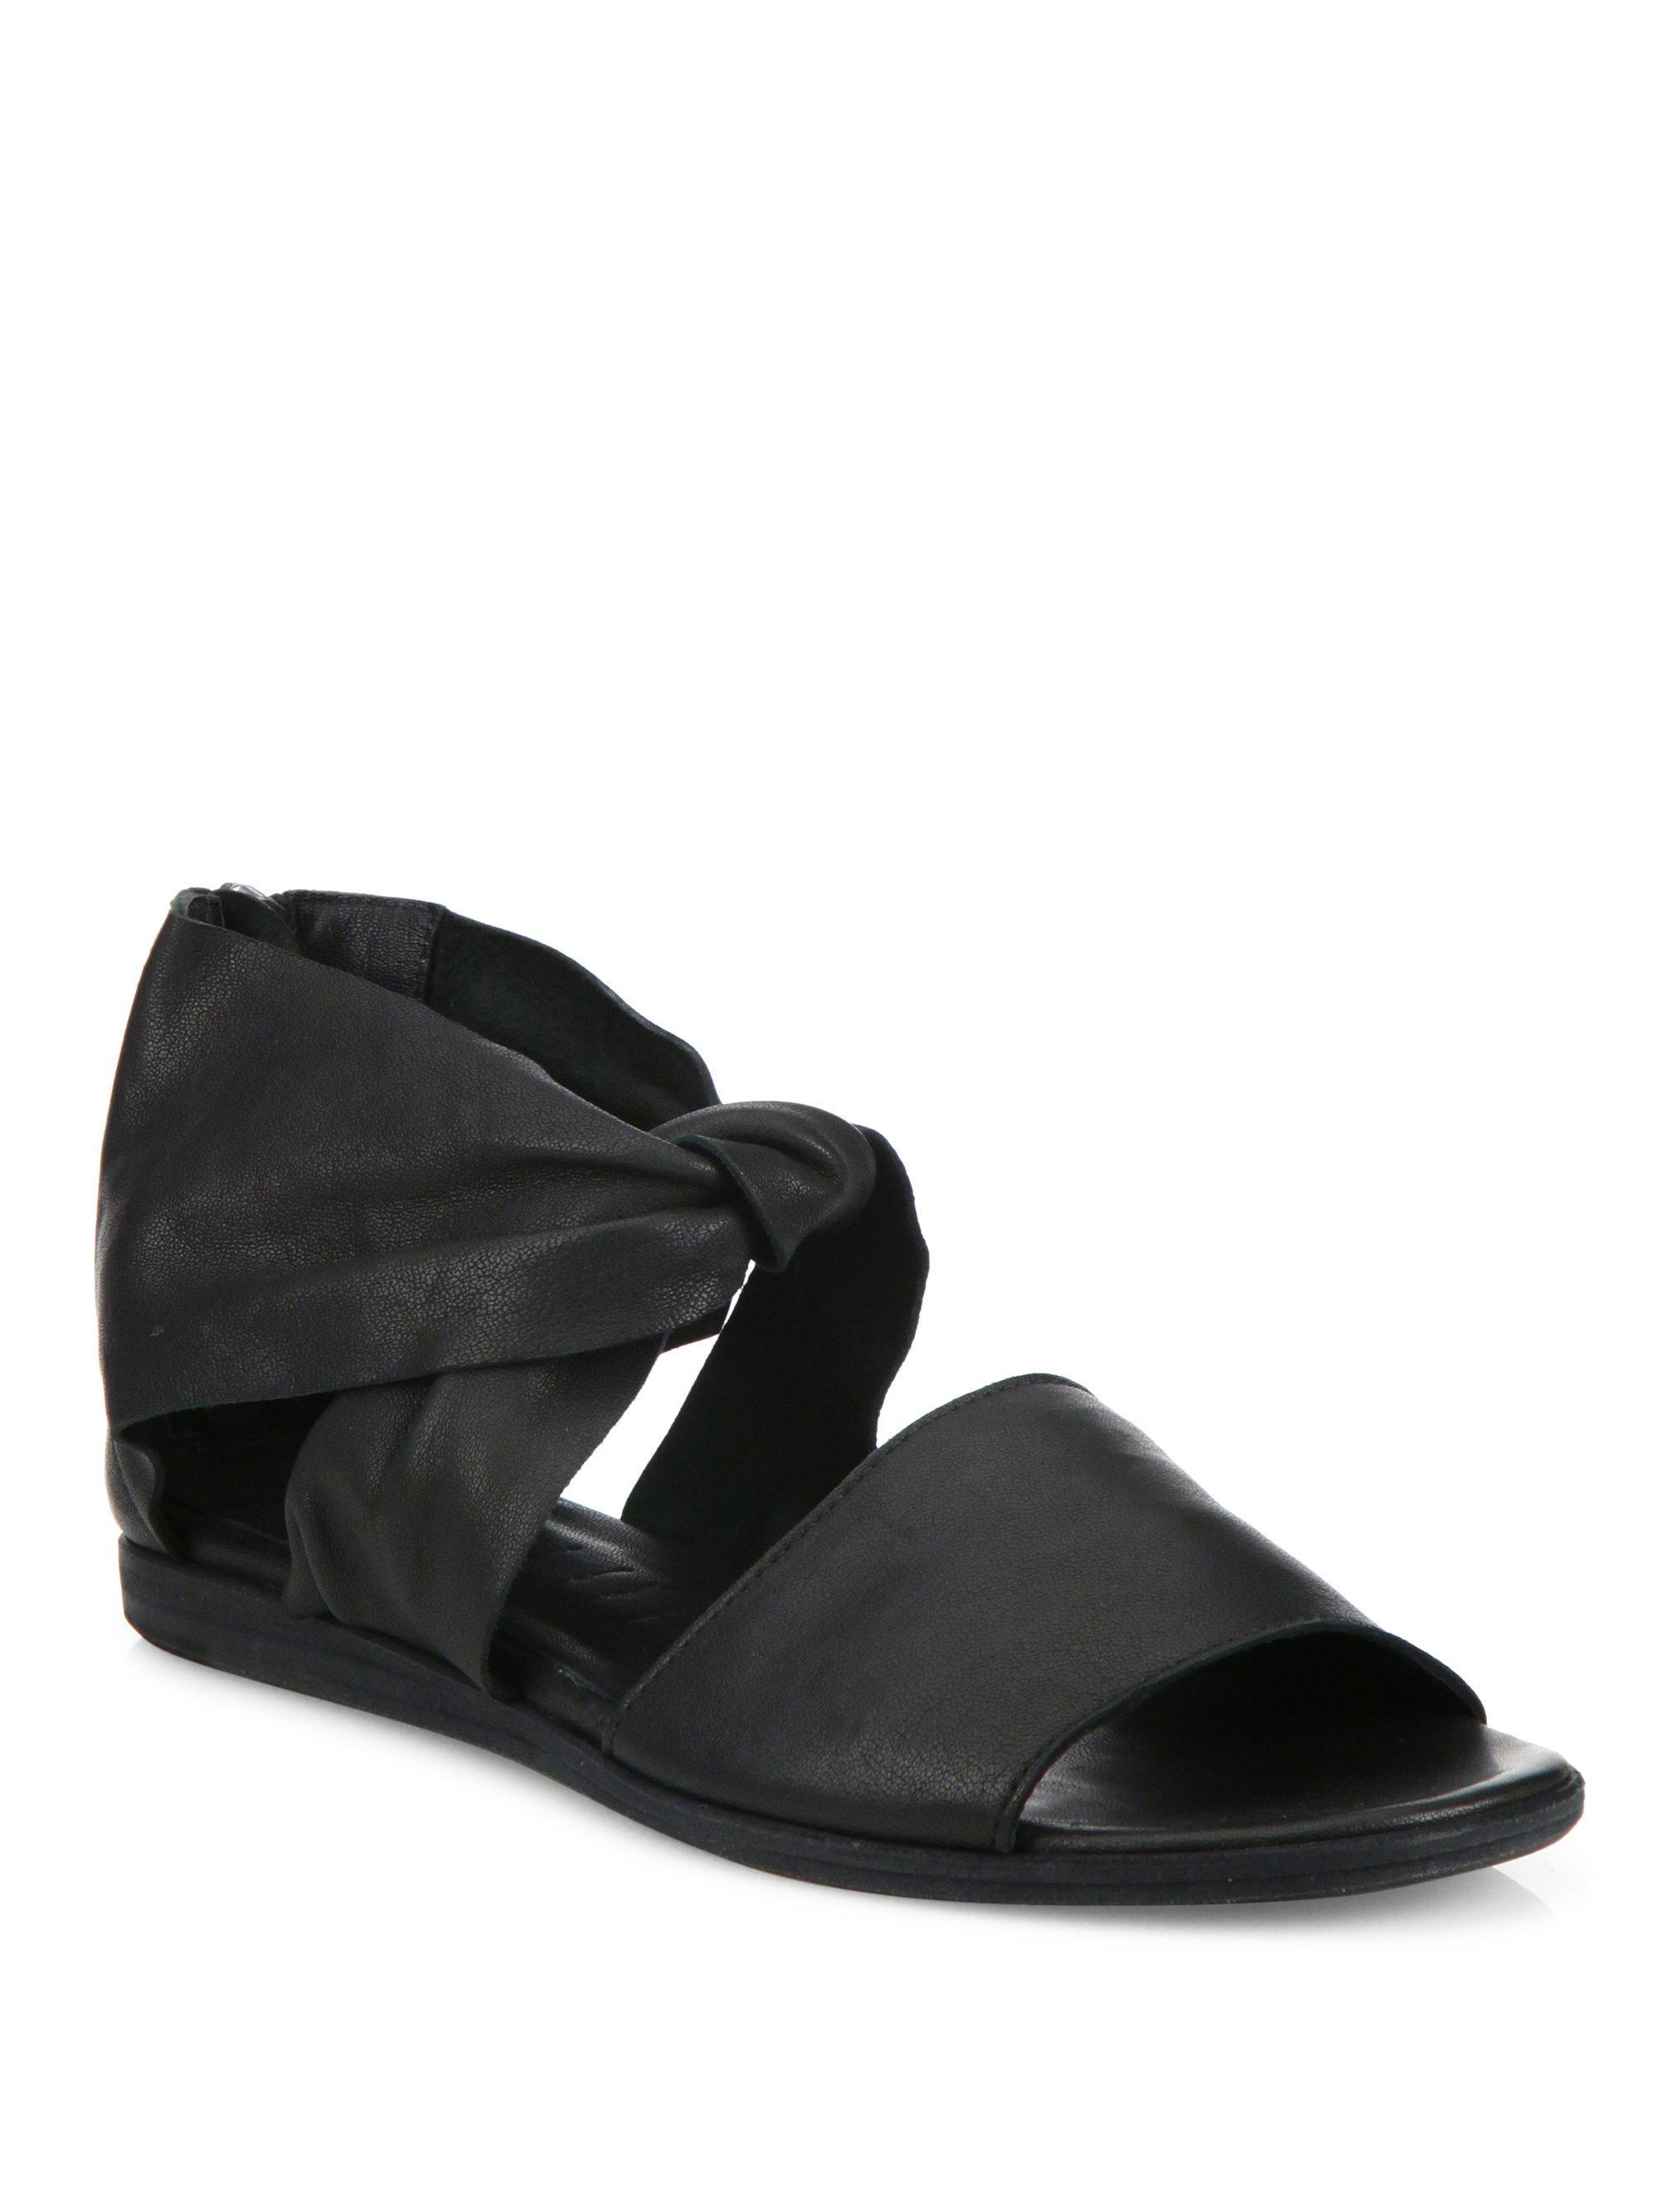 LD Tuttle The Warp Leather Flat Sandals HeDqPfWfCS